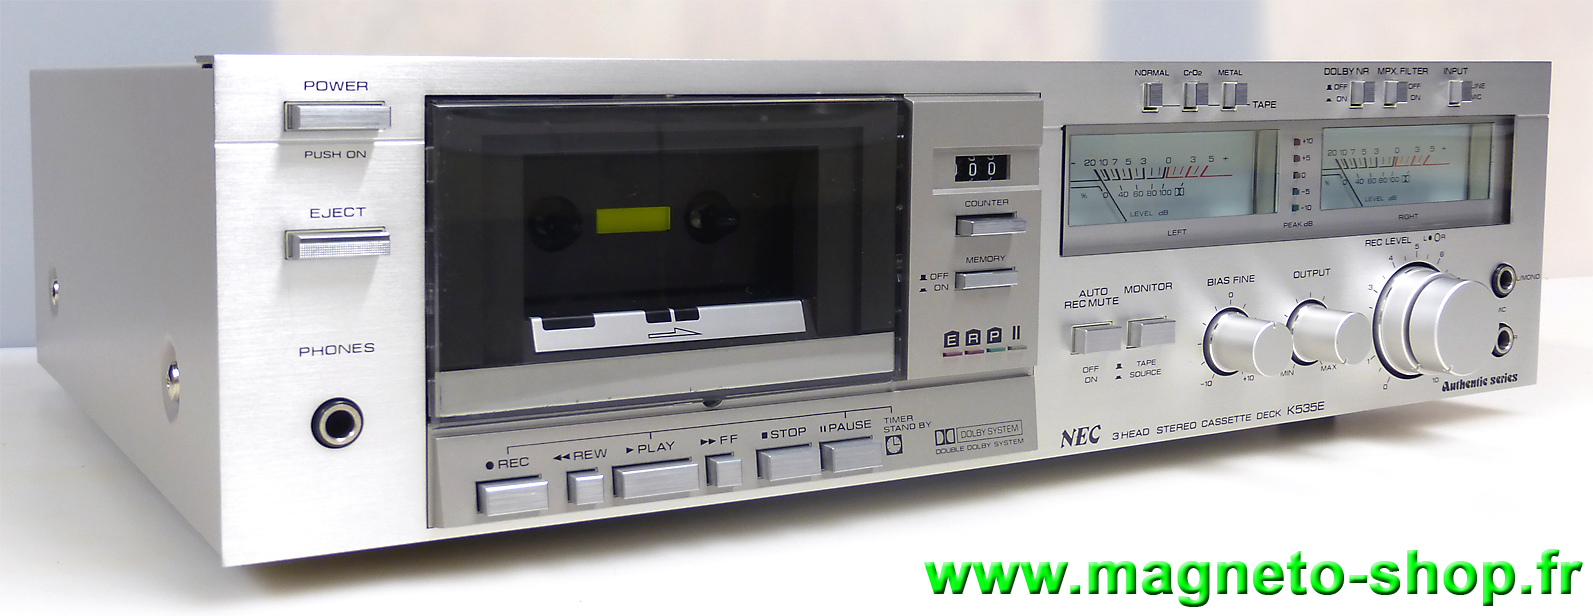 NEC K535E